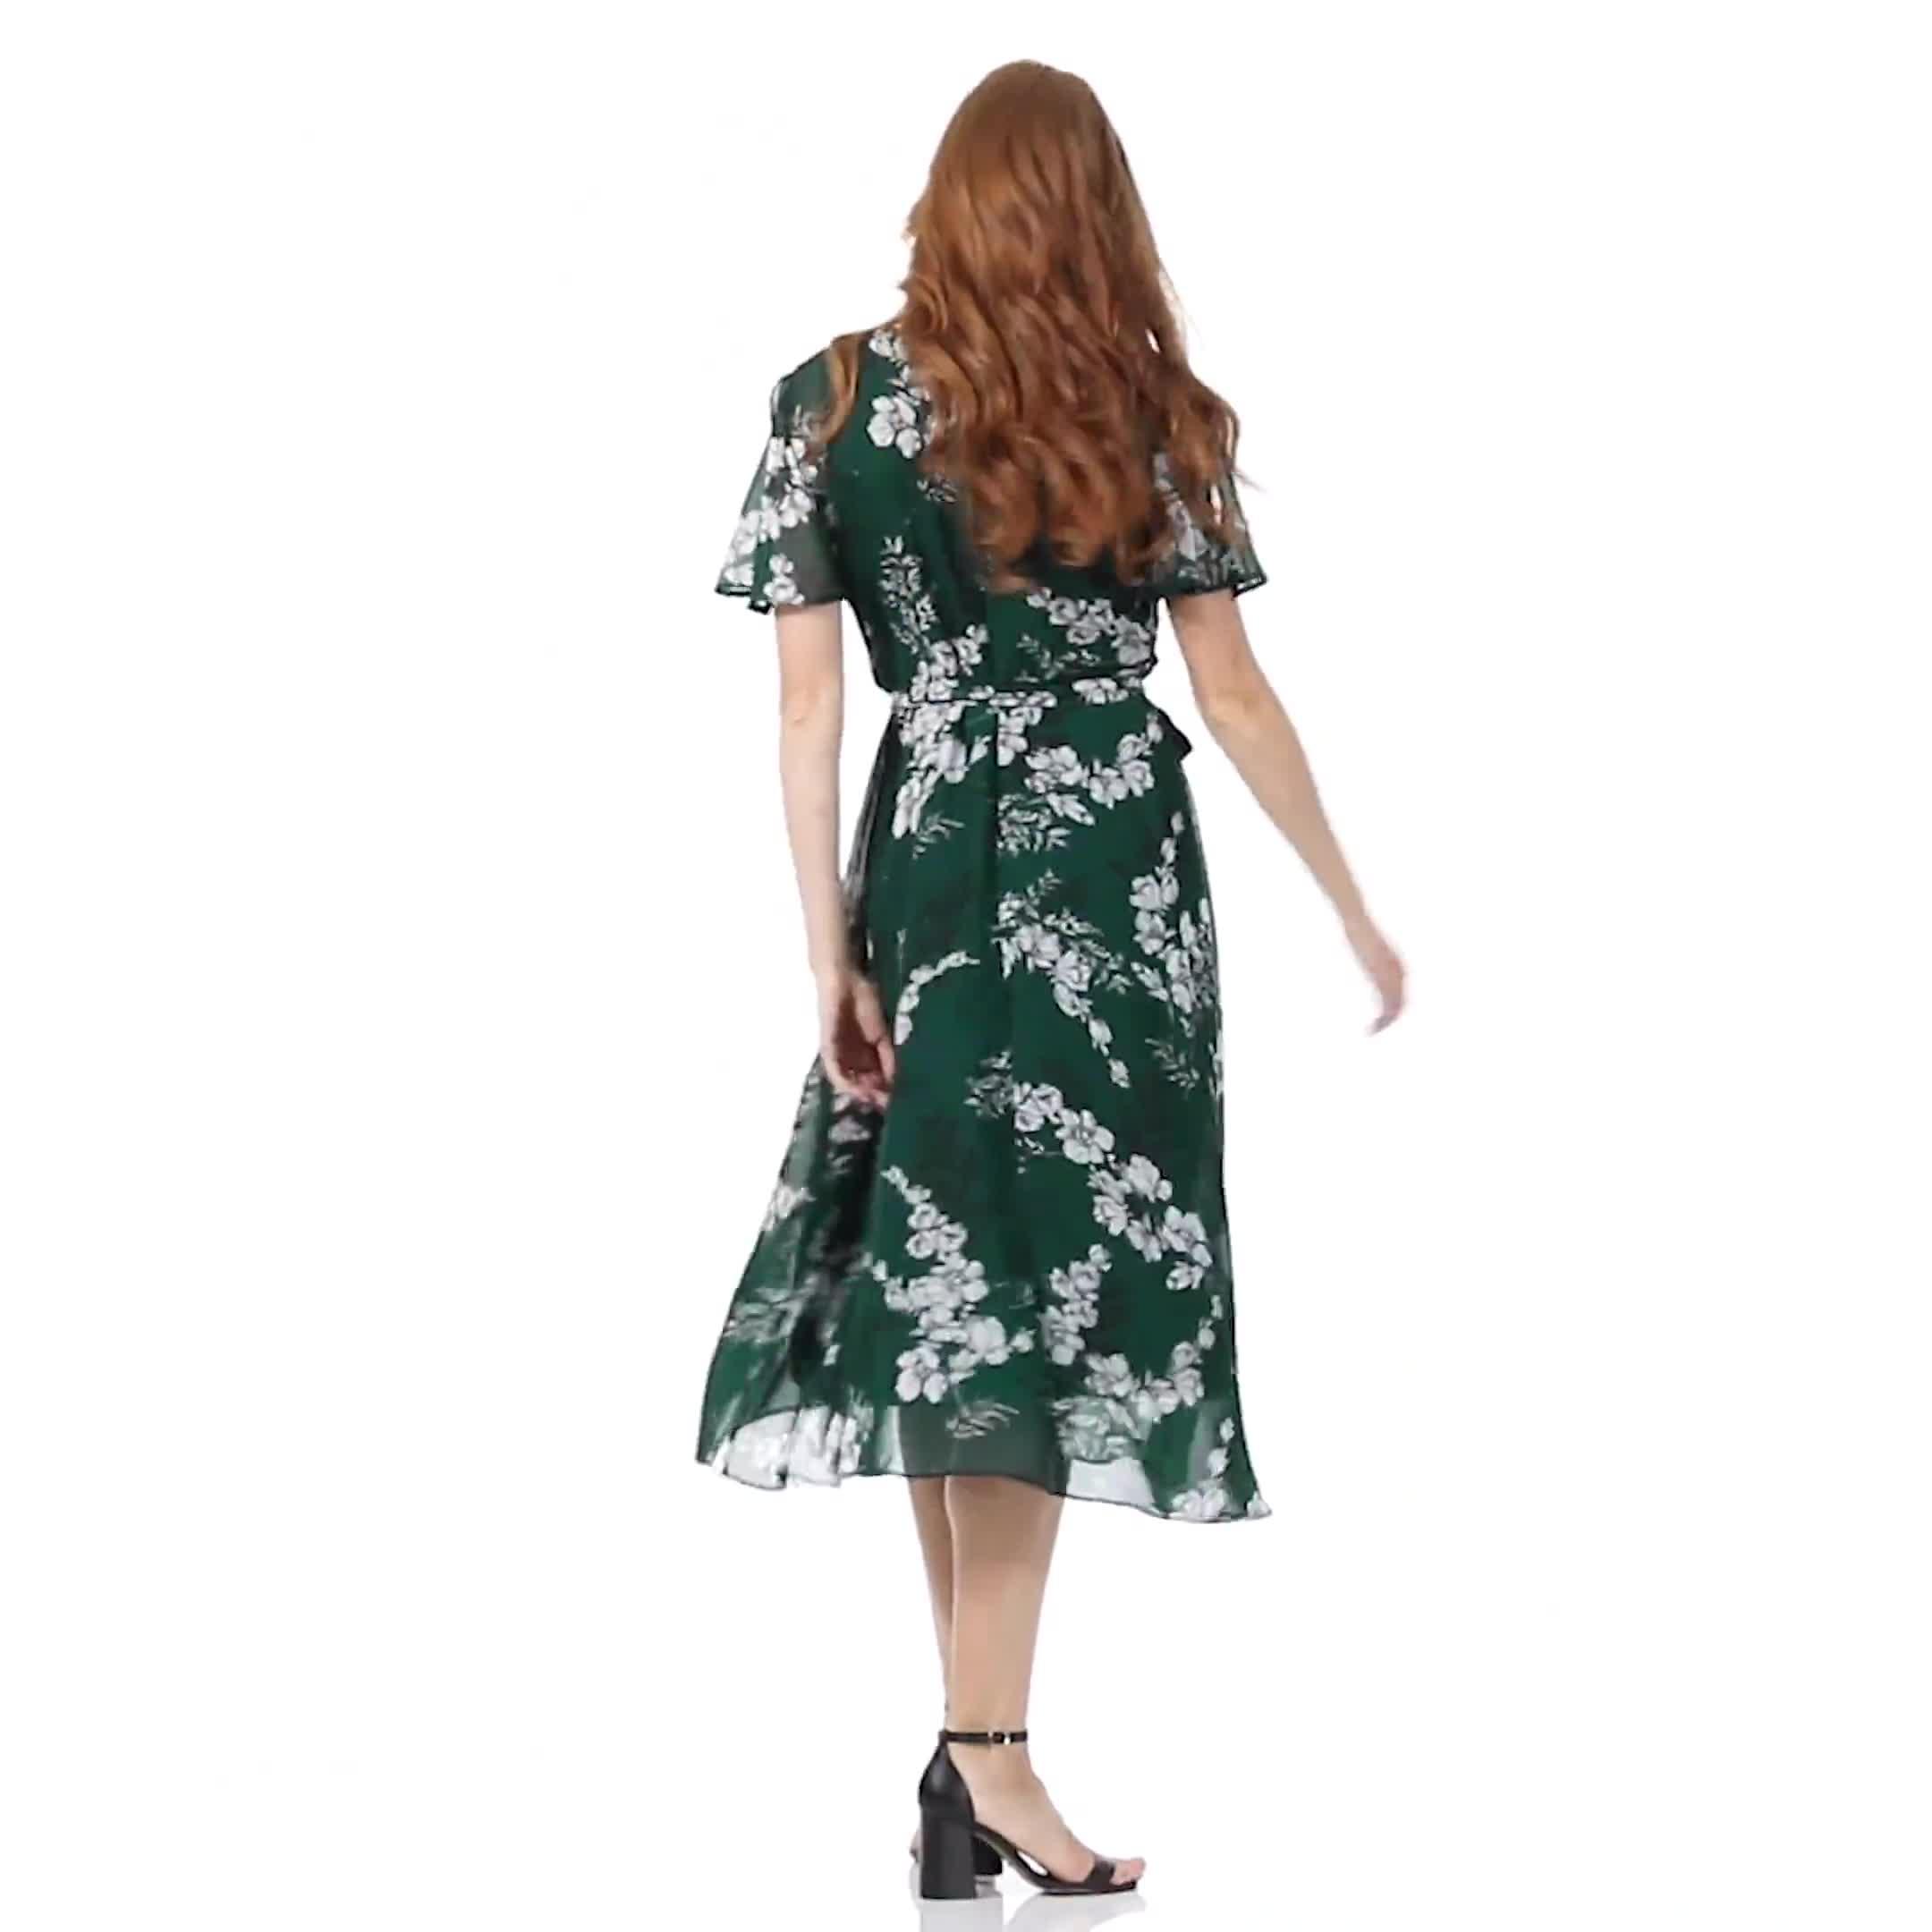 Floral Wrap Midi Dress - Misses - Video